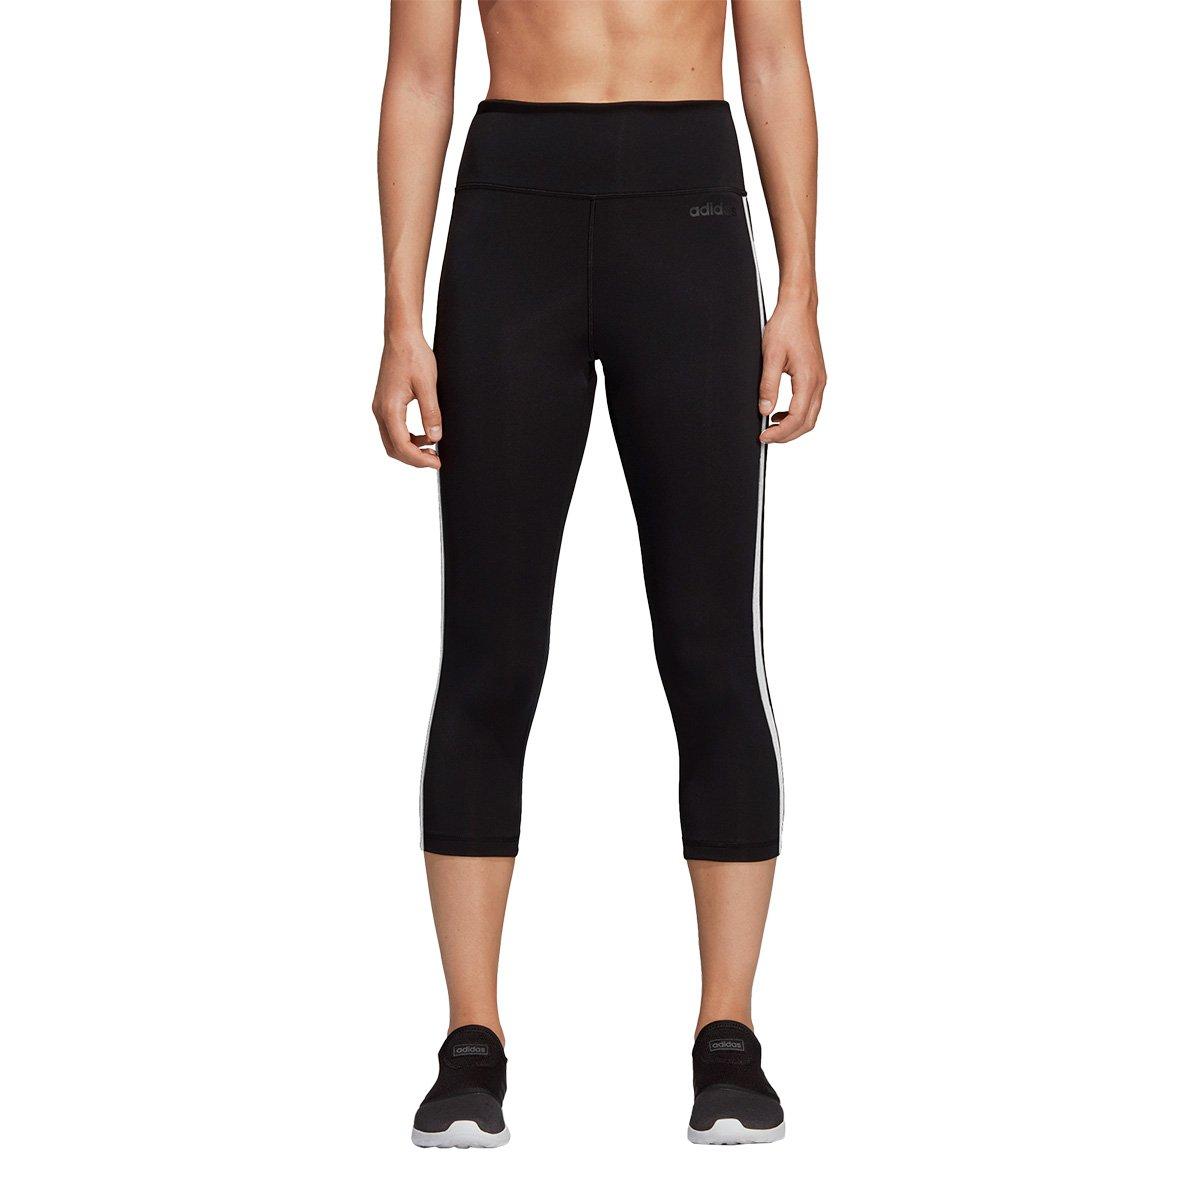 e9e526705 Calça Legging Adidas 3/4 Design 2 Move 3 Stripes Feminina - Preto e Branco  | São Paulo Mania